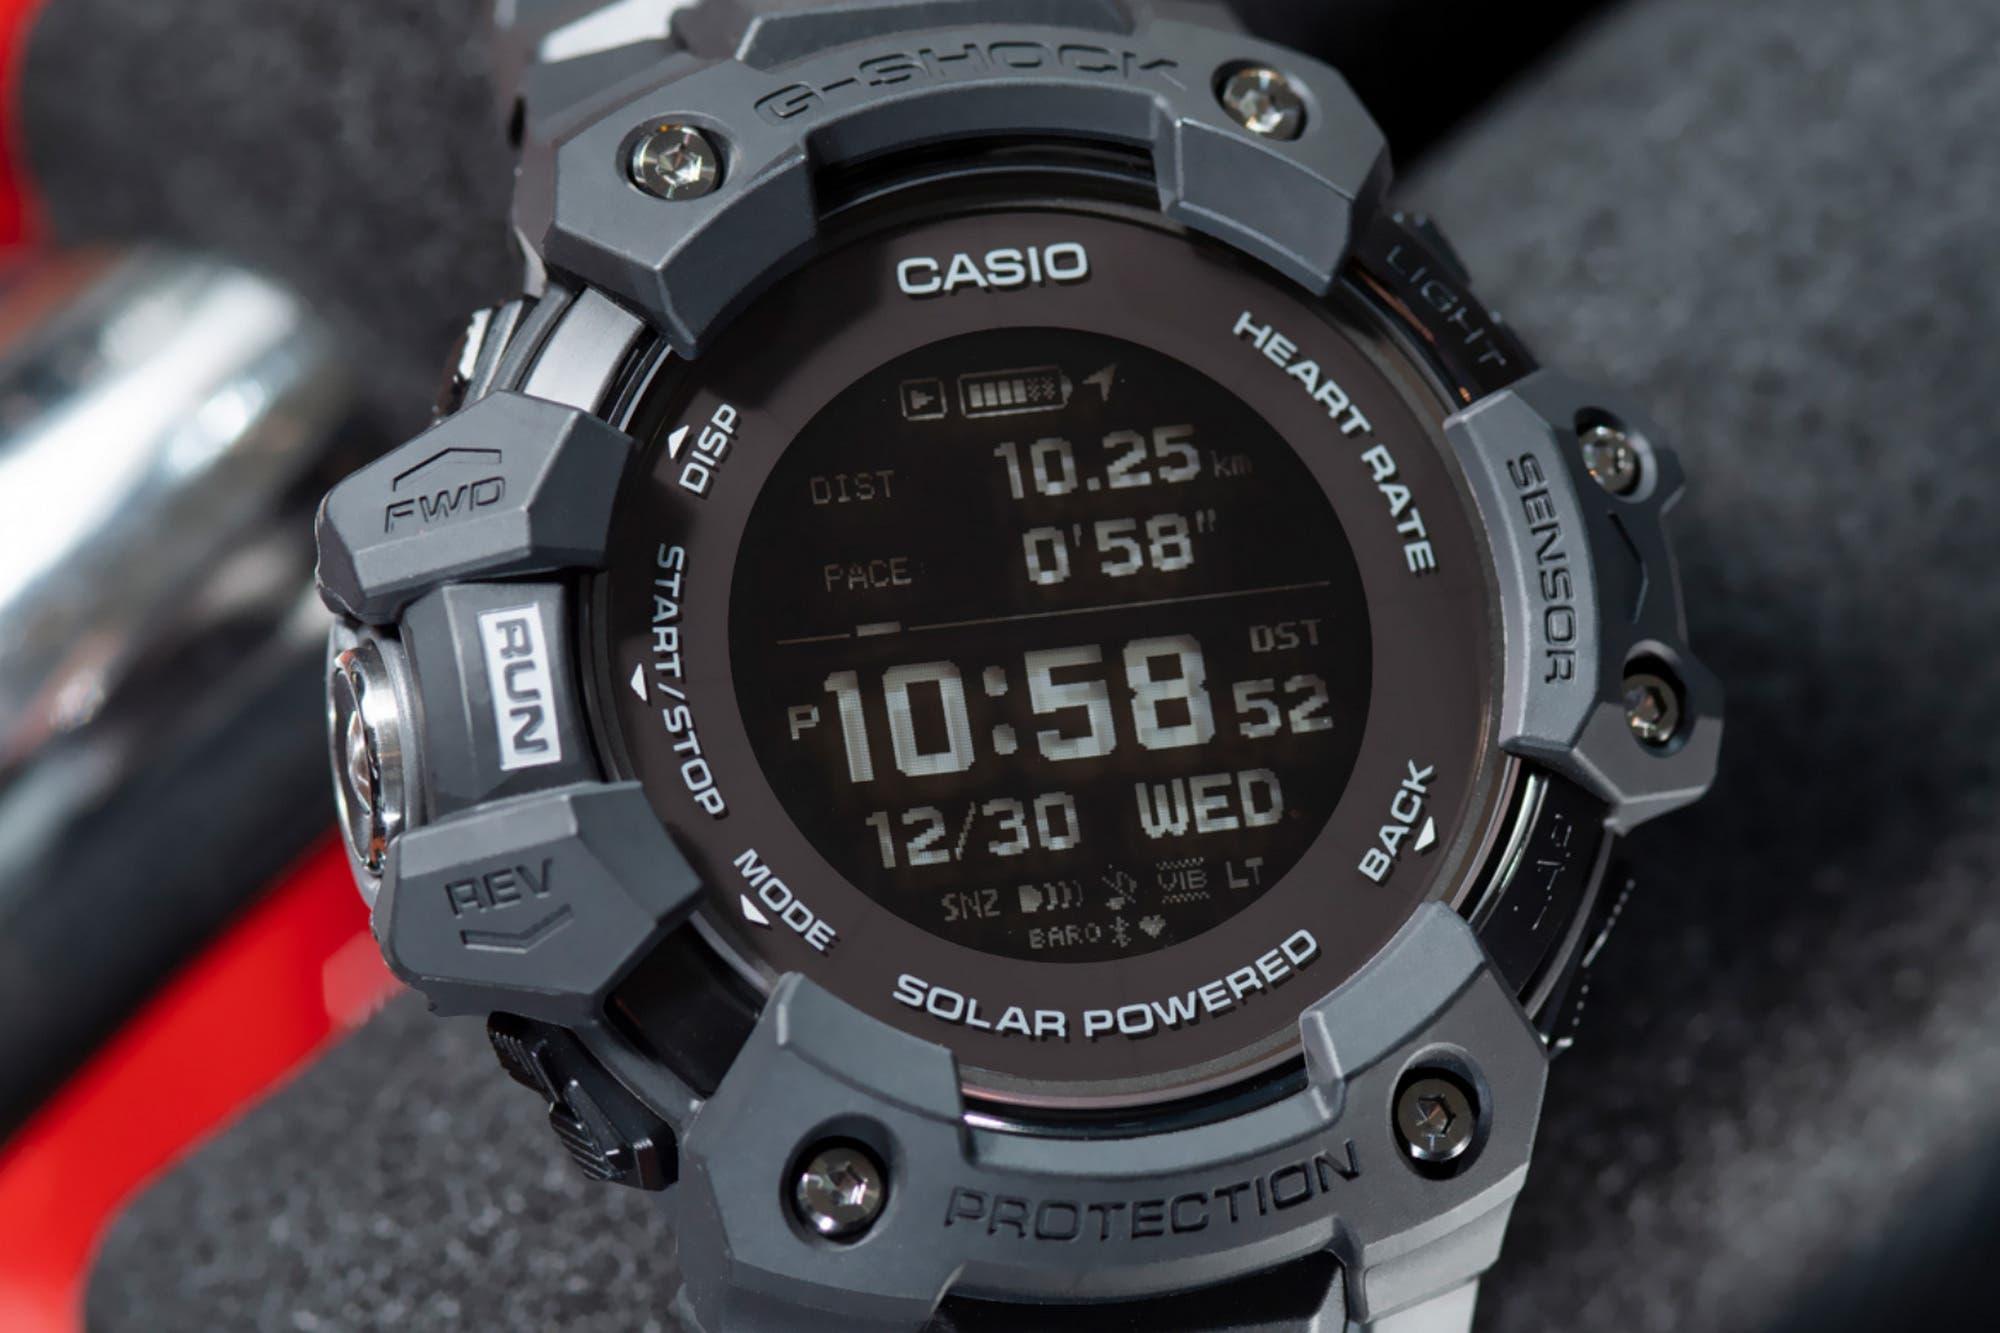 Casio lanza el G-SHOCK G-SQUAD GBD-H1000 con GPS y monitor de frecuencia cardíaca